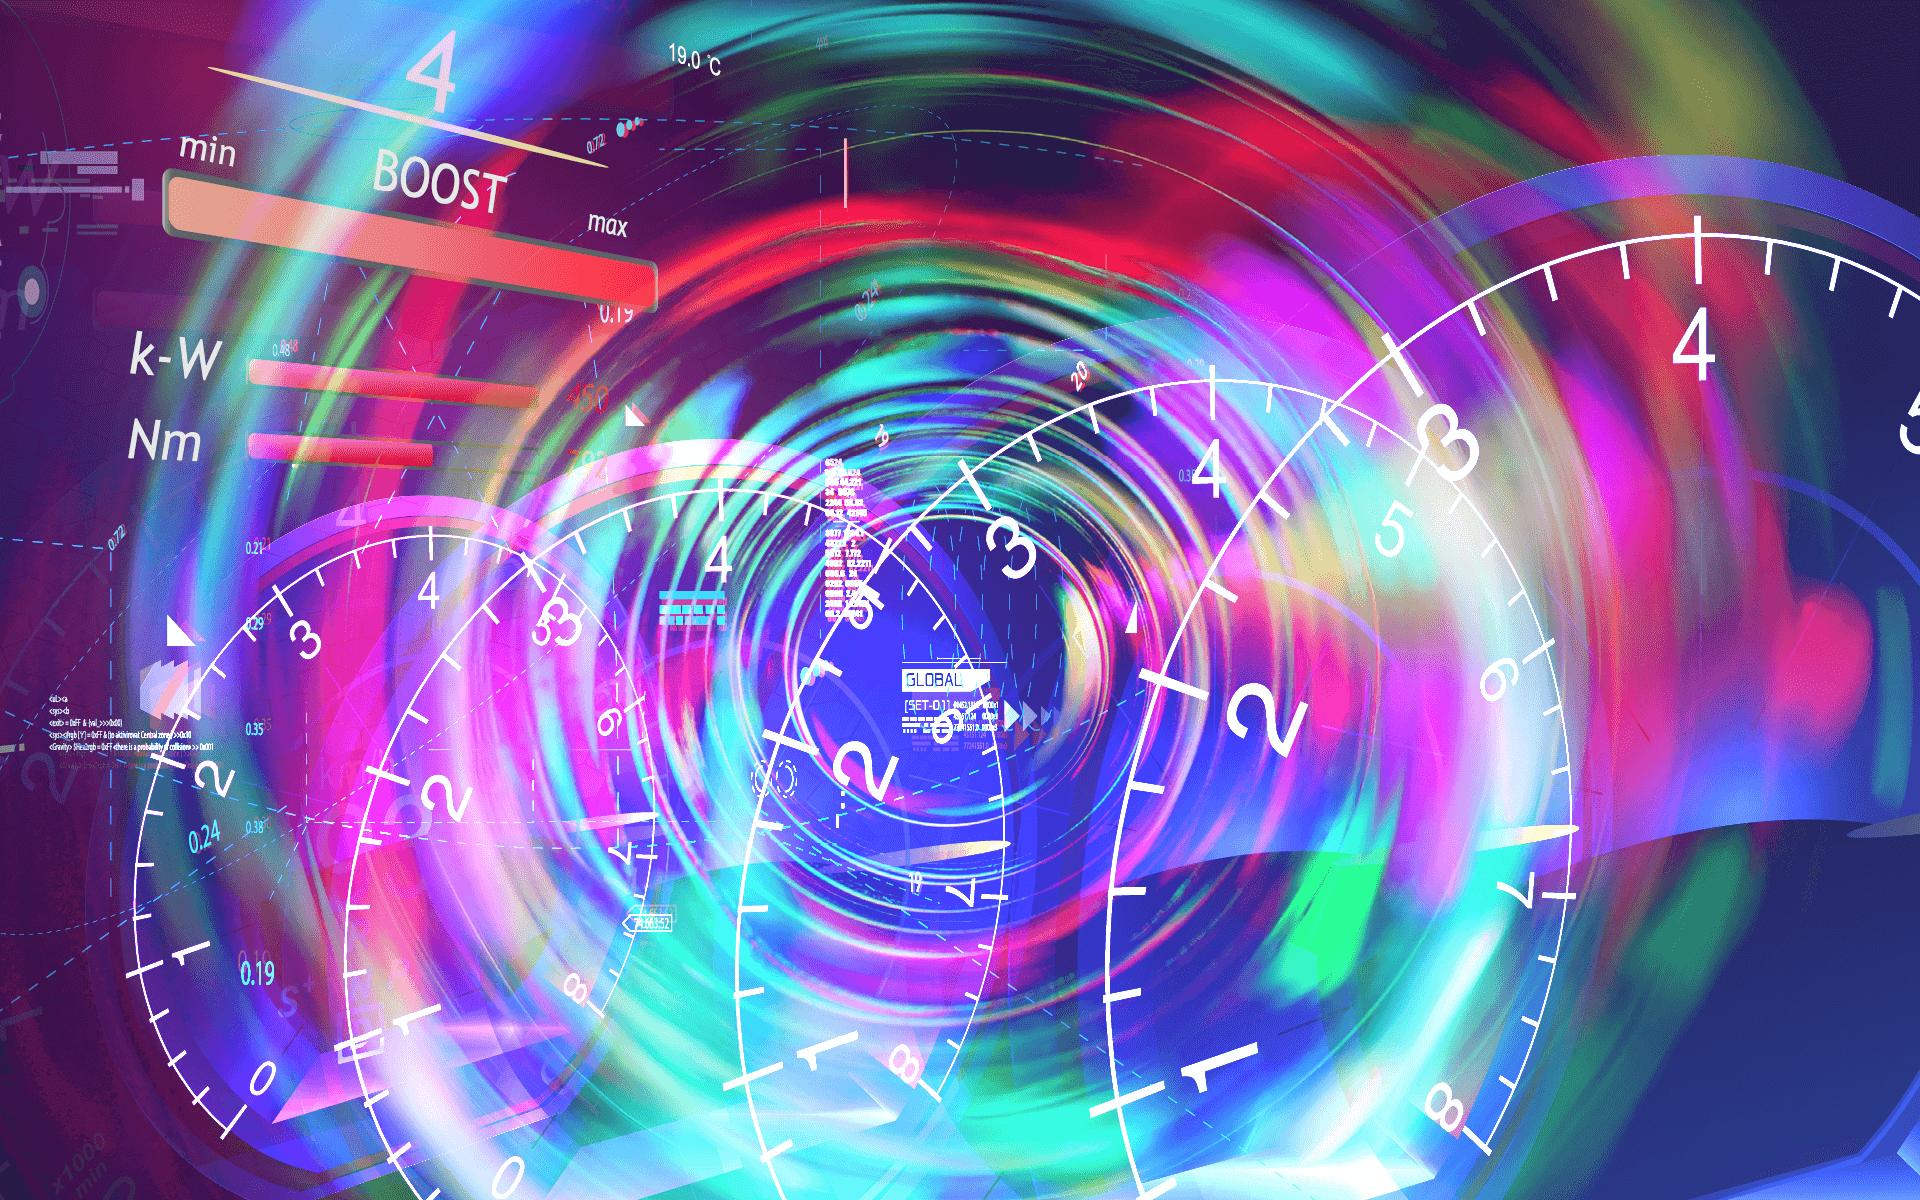 35 hoe ver kan de ioniq